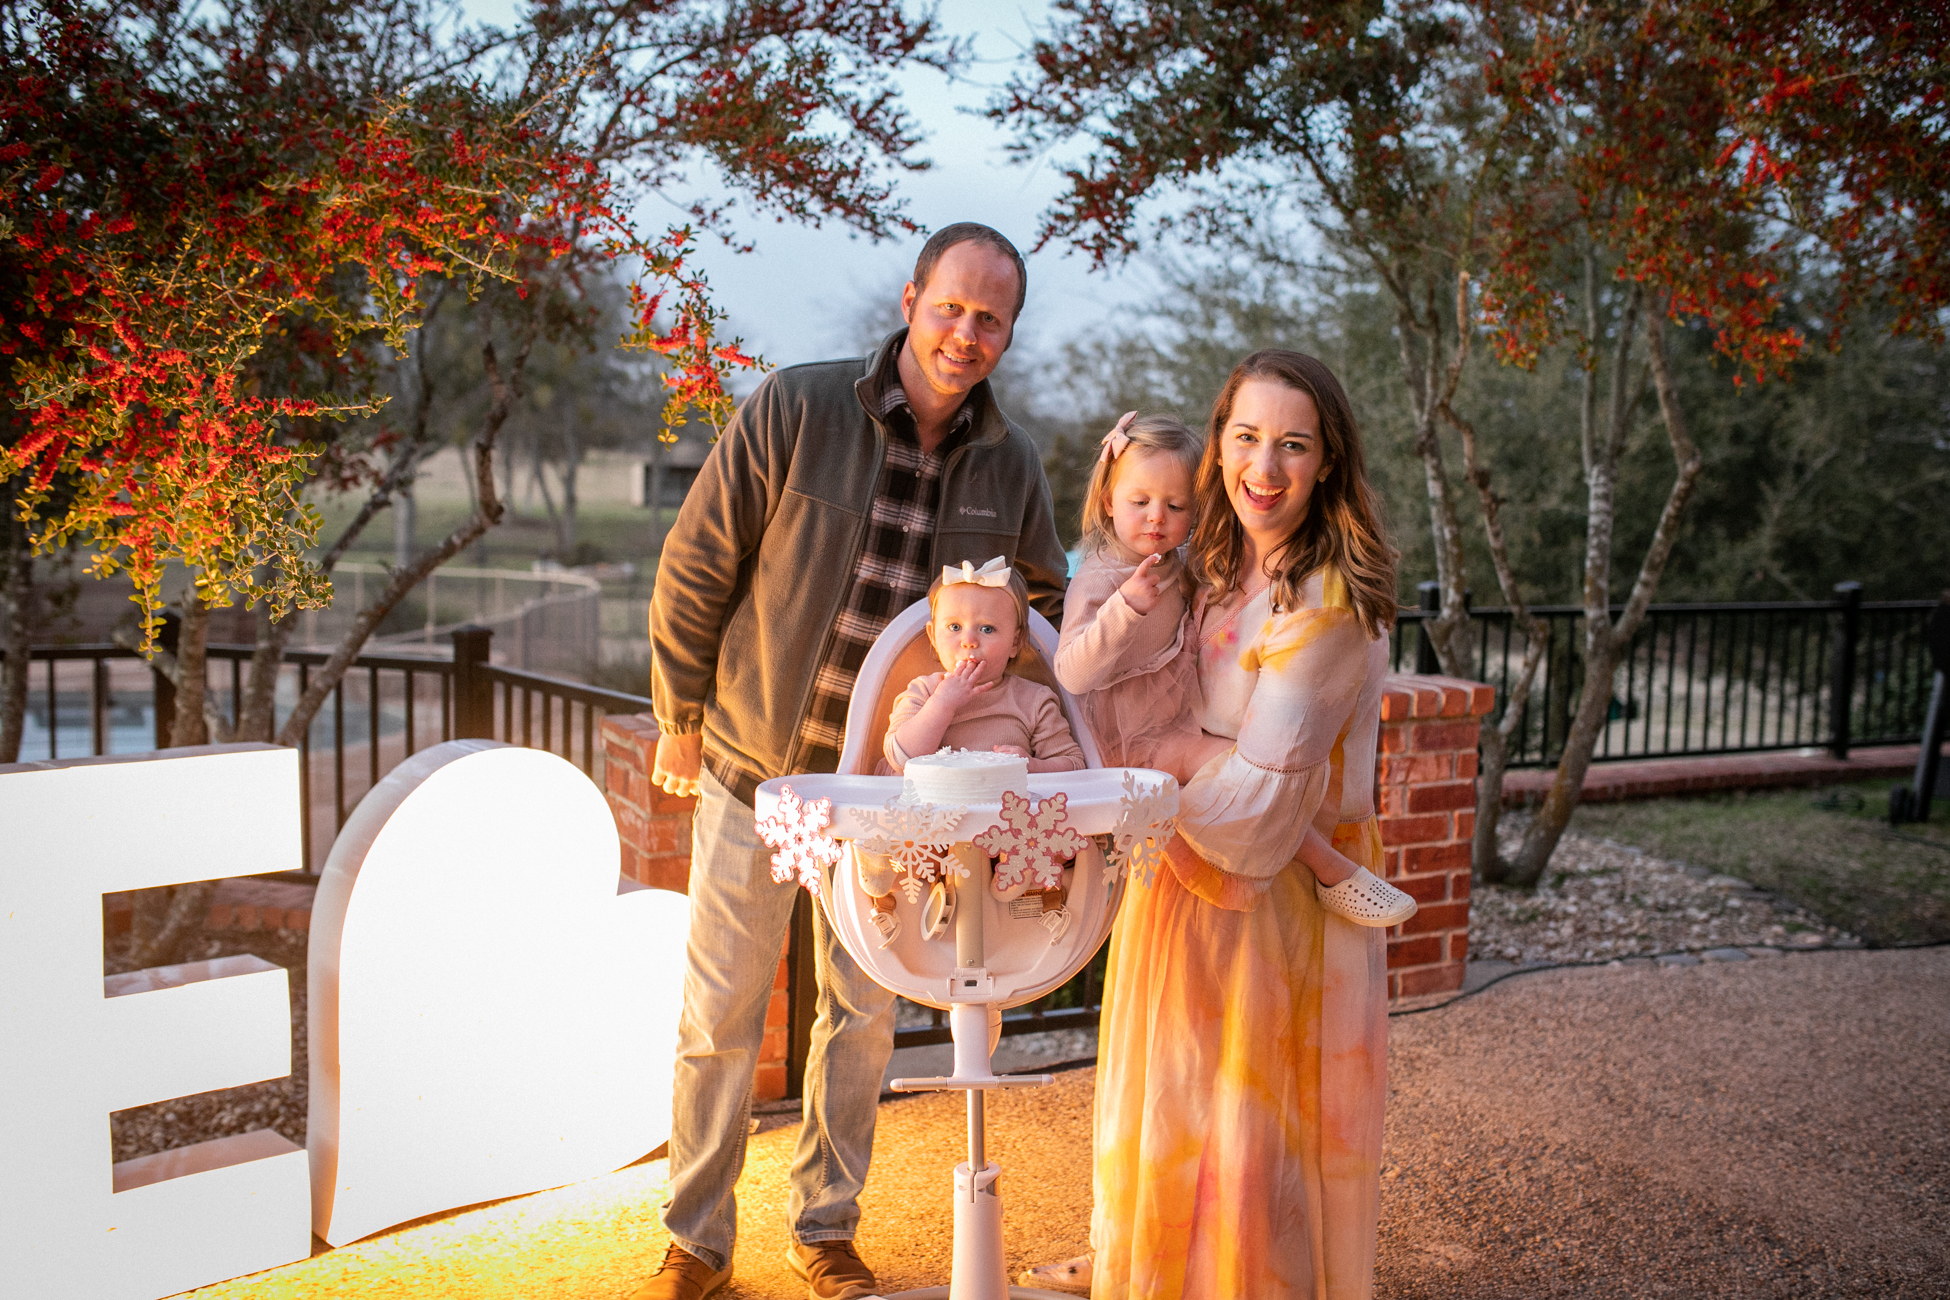 Snapp Family Photo